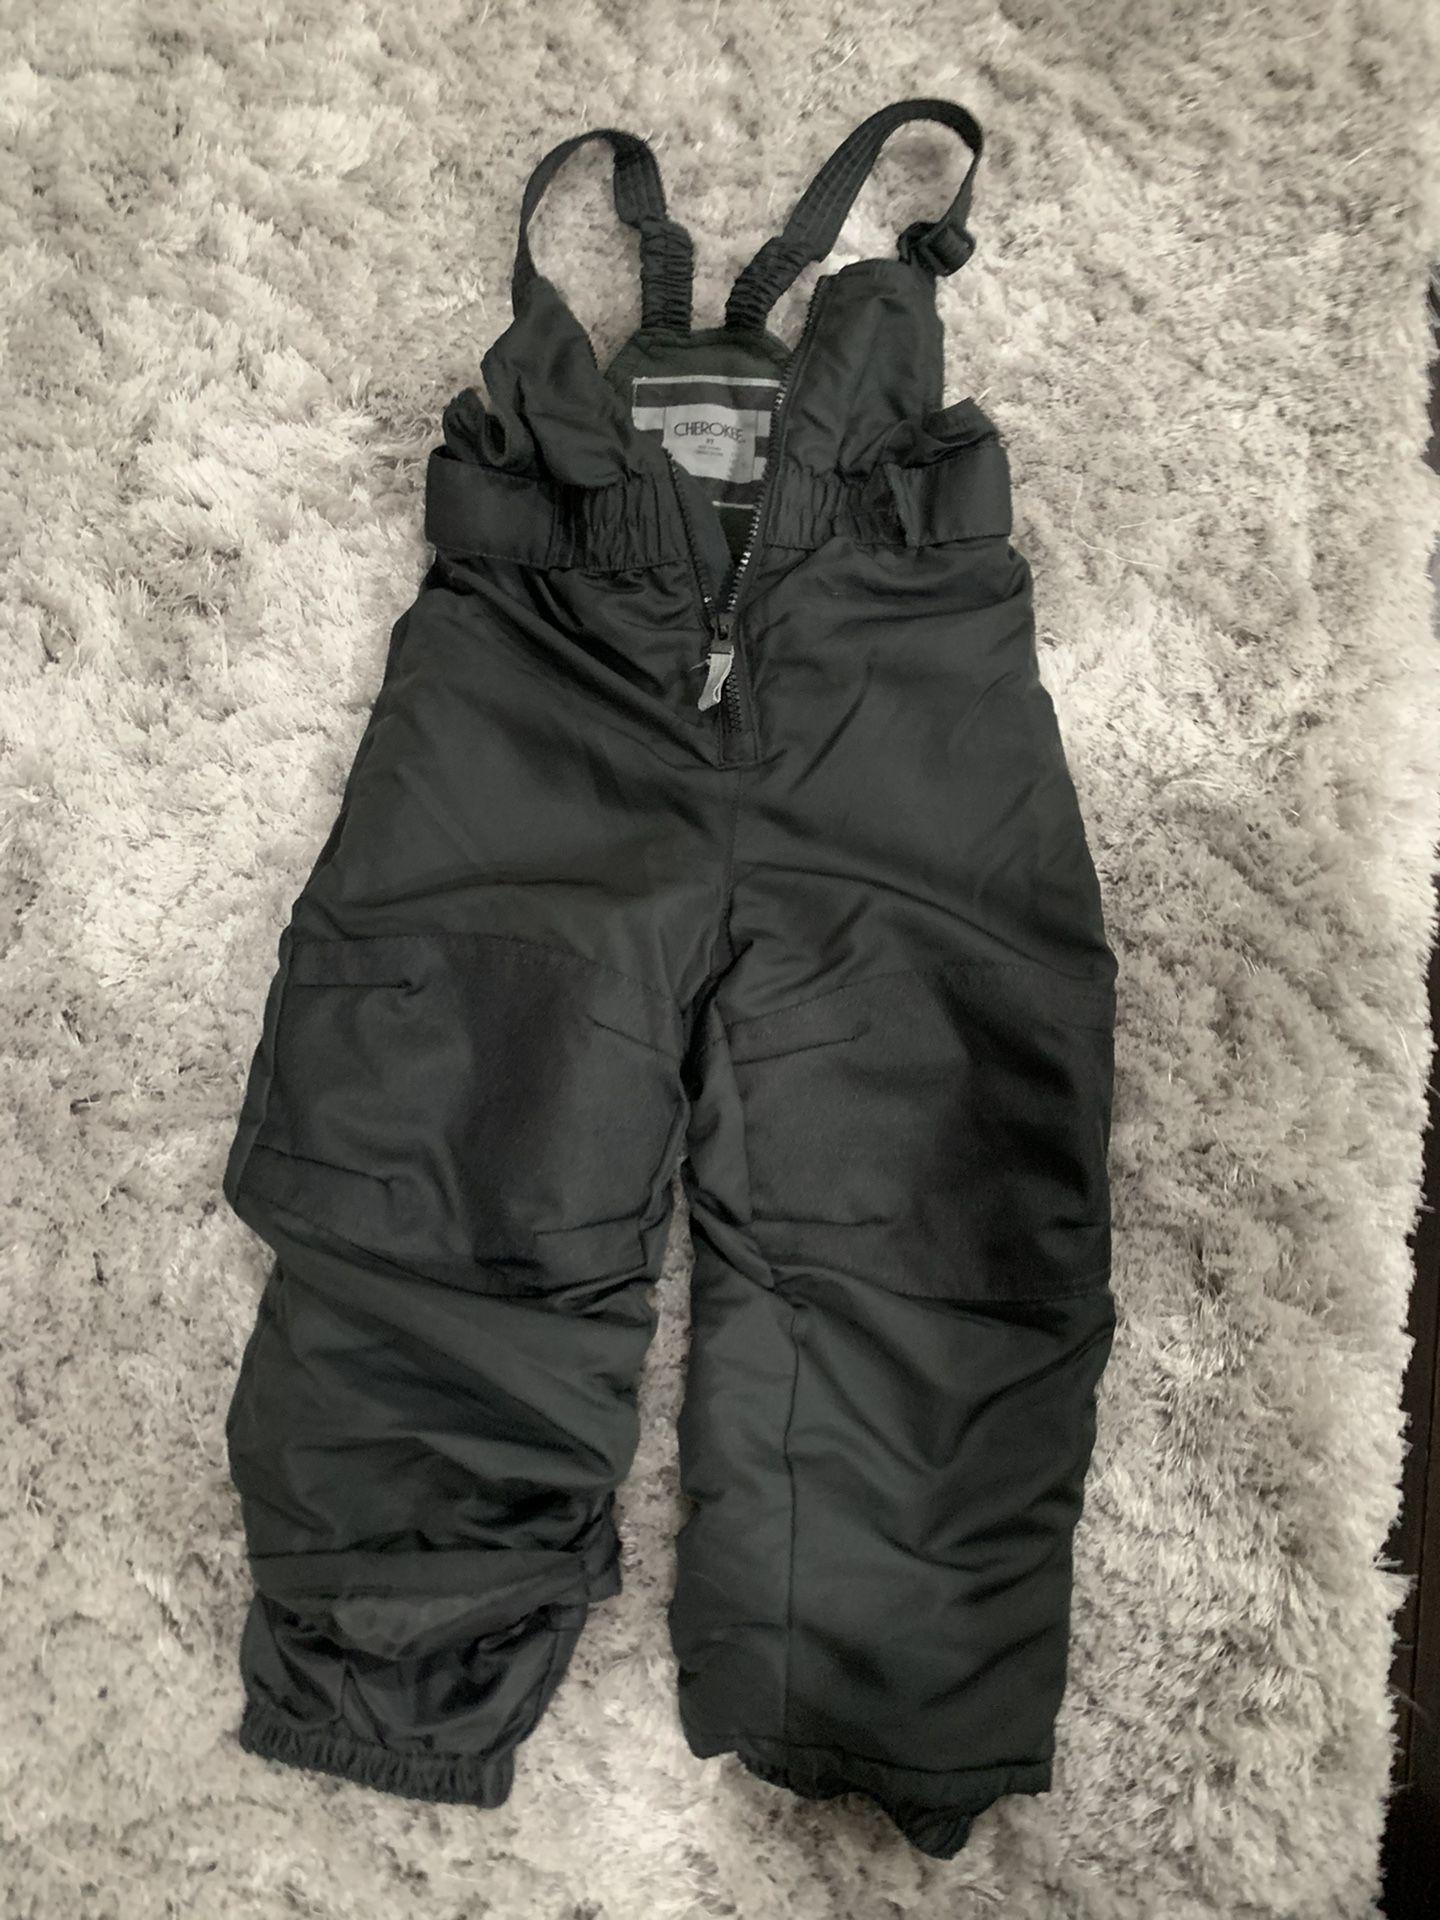 Kids Size 3T Snow bib